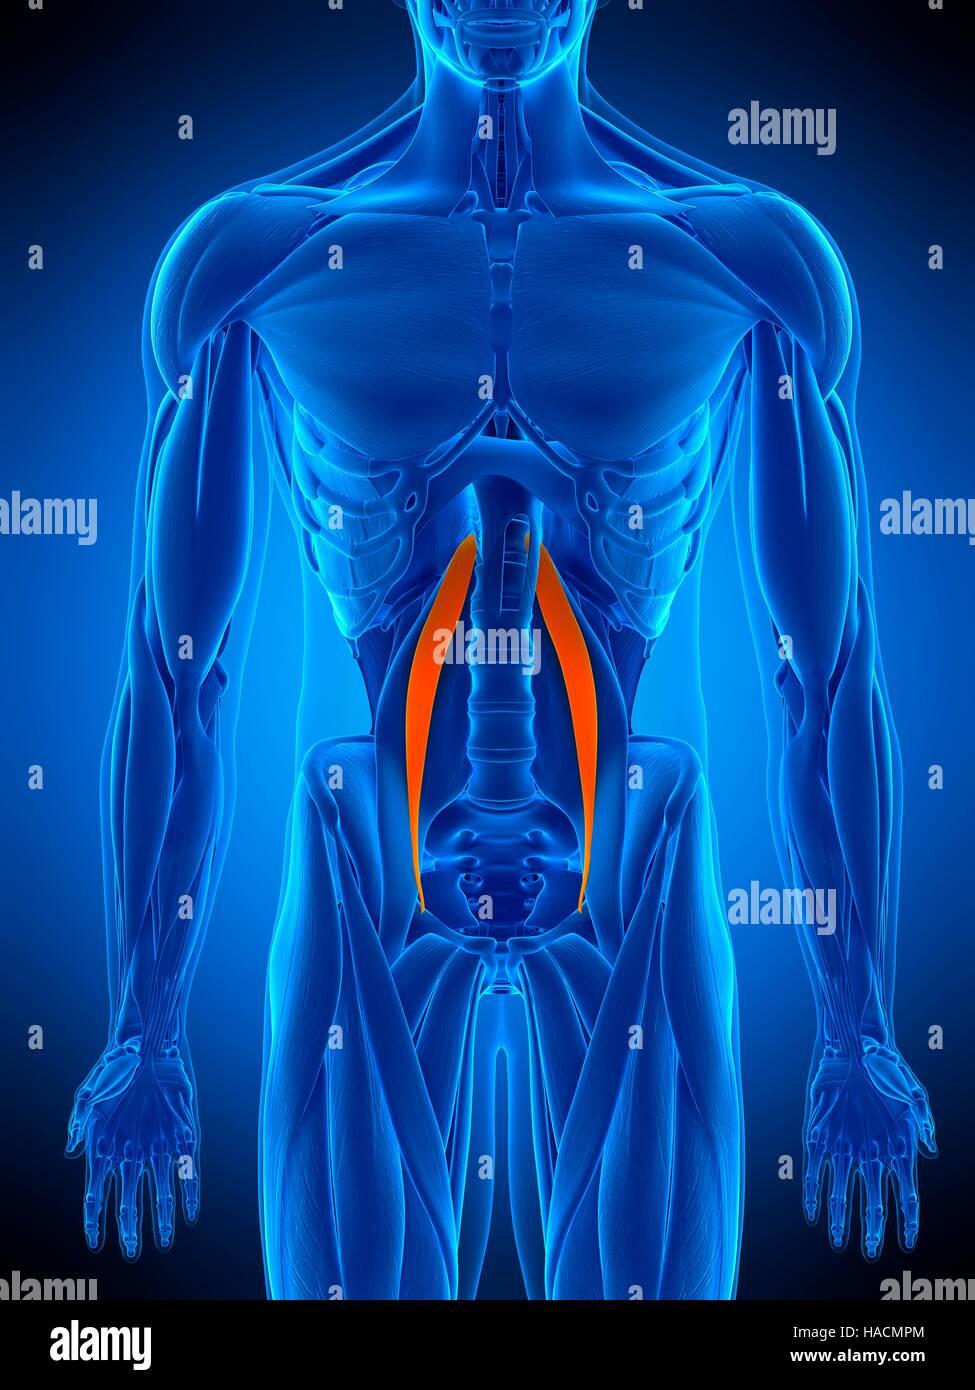 Ilustración del músculo psoas menor Foto & Imagen De Stock ...